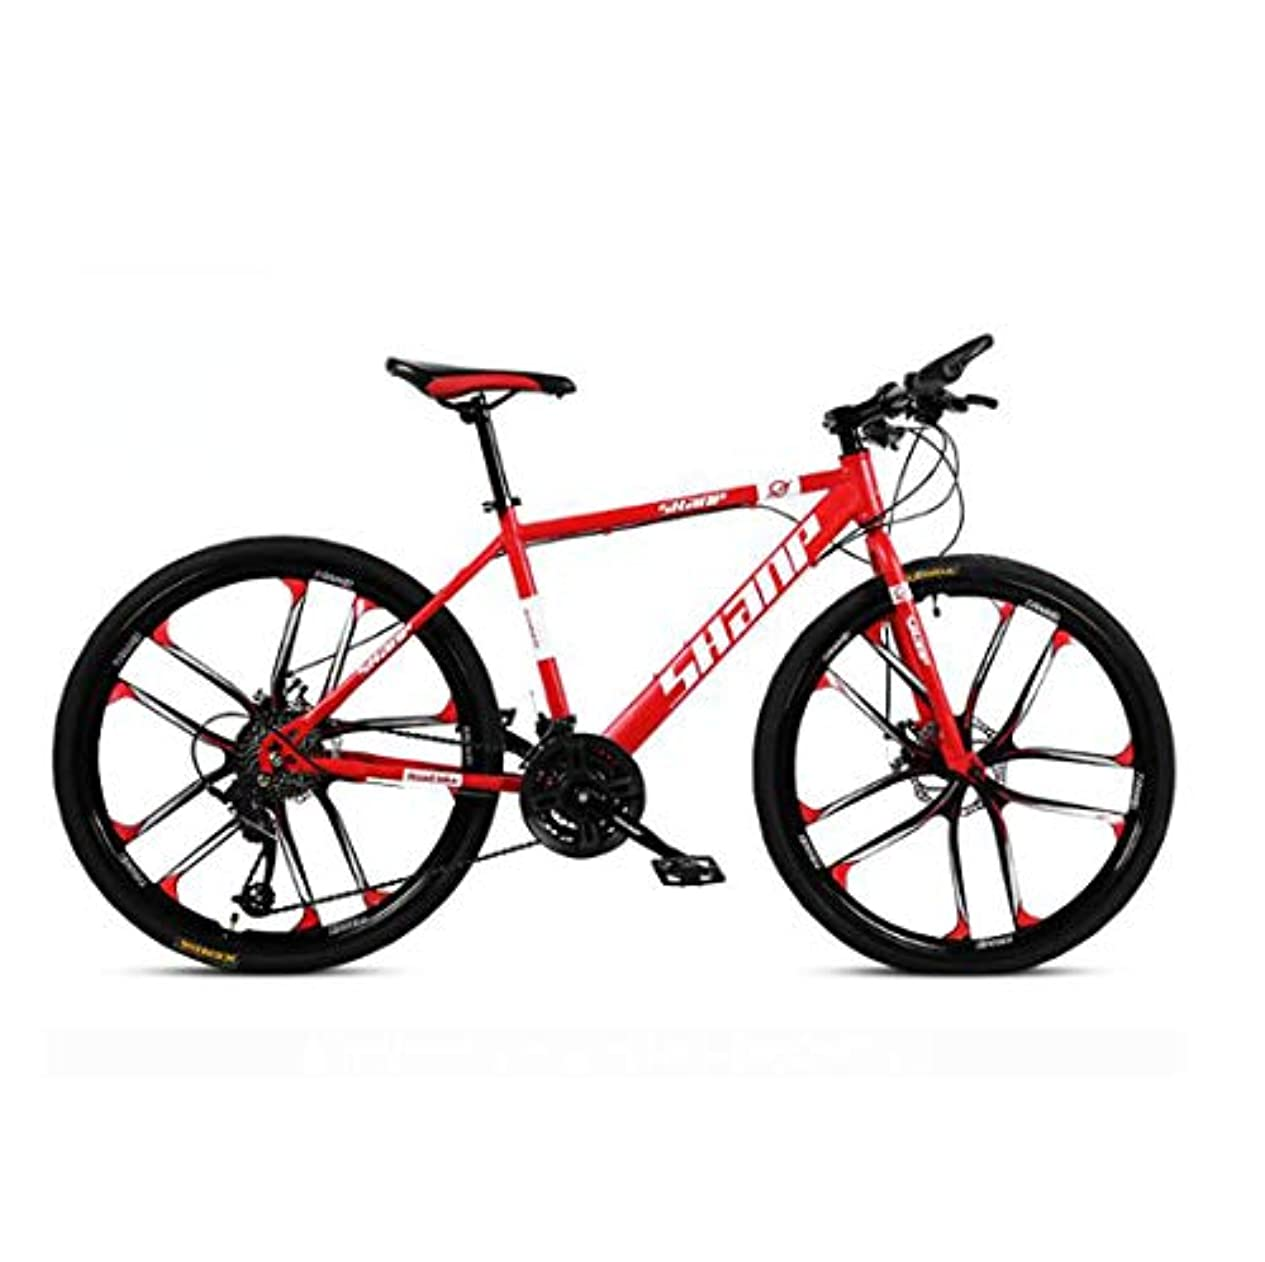 アジテーション重荷脇に61.5インチのマウンテンバイク21スピード/ 24速度/ 27速度/ 30スピードマウンテンバイク24インチホイール自転車、ブラック、ホワイト、レッド、イエロー、グリーン,C3,27